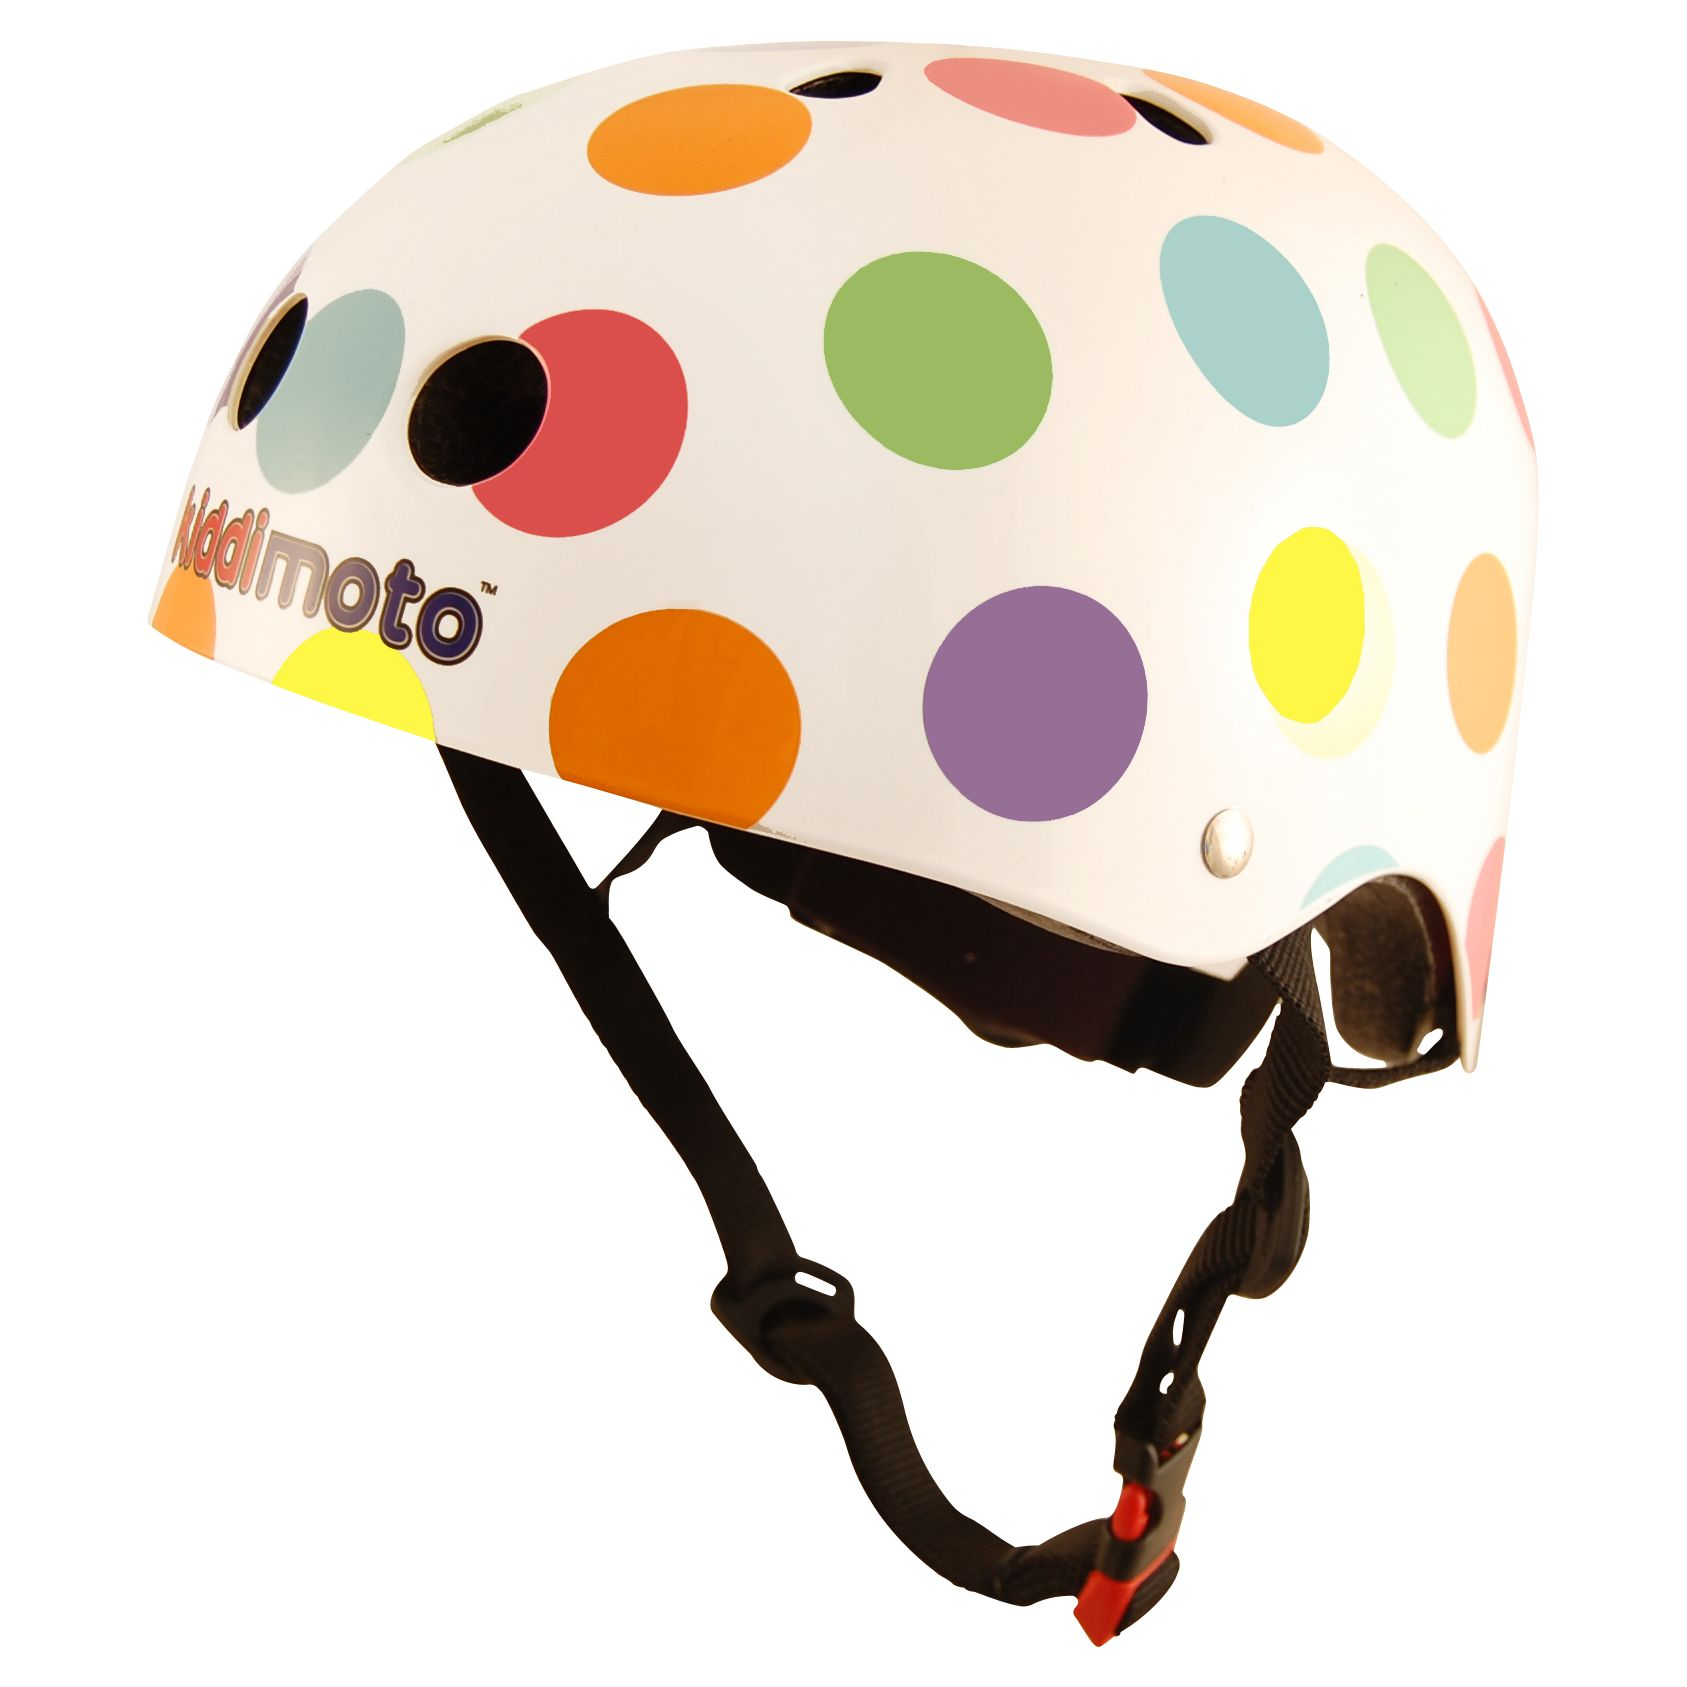 Kiddimoto Kiddimoto Pastel Dotty Helmet, Small